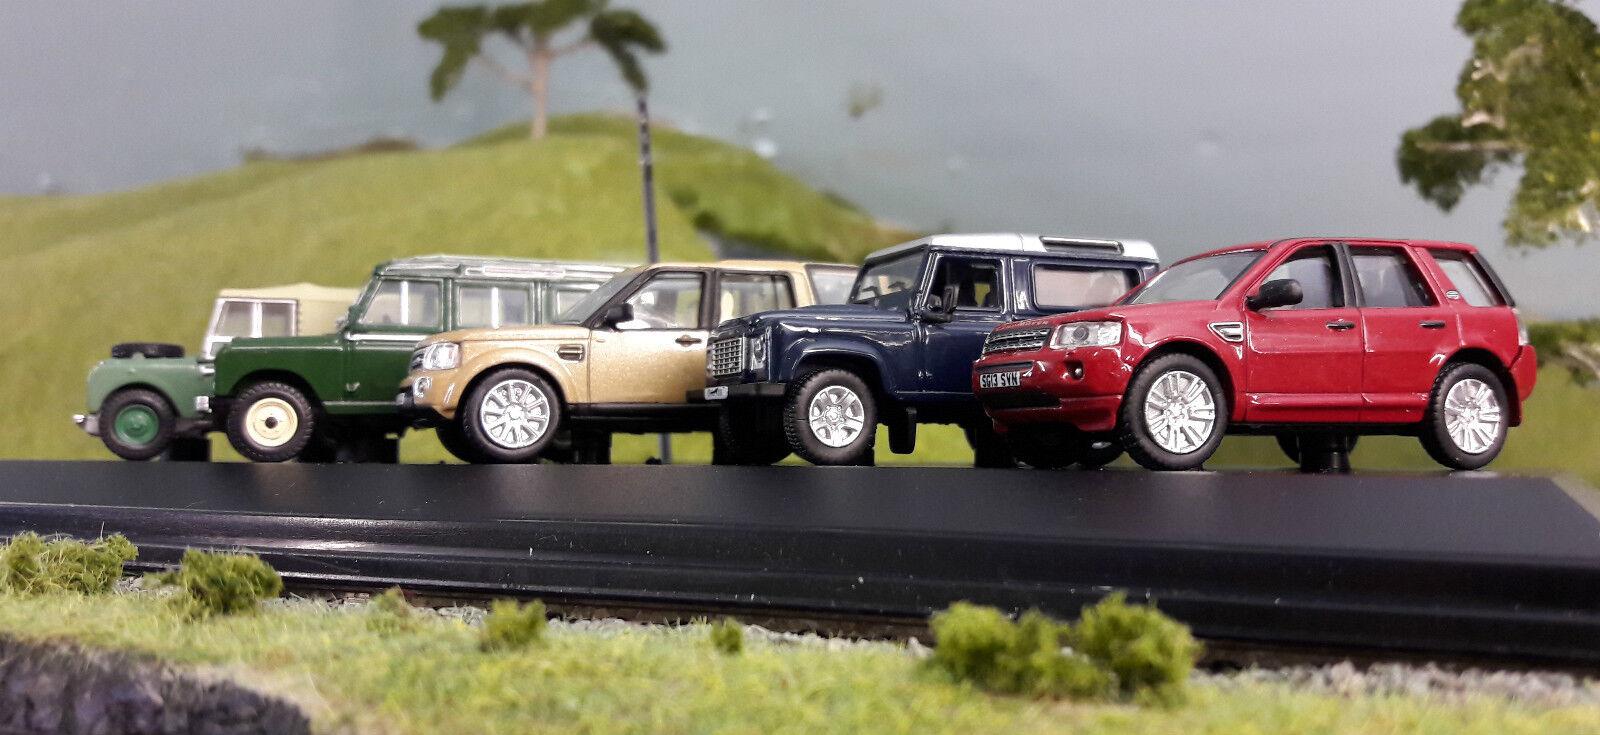 1 76 Ho   Oo   00 Land Rover Defender Serie 80 1 2 frilander Discovery 4 Set 5